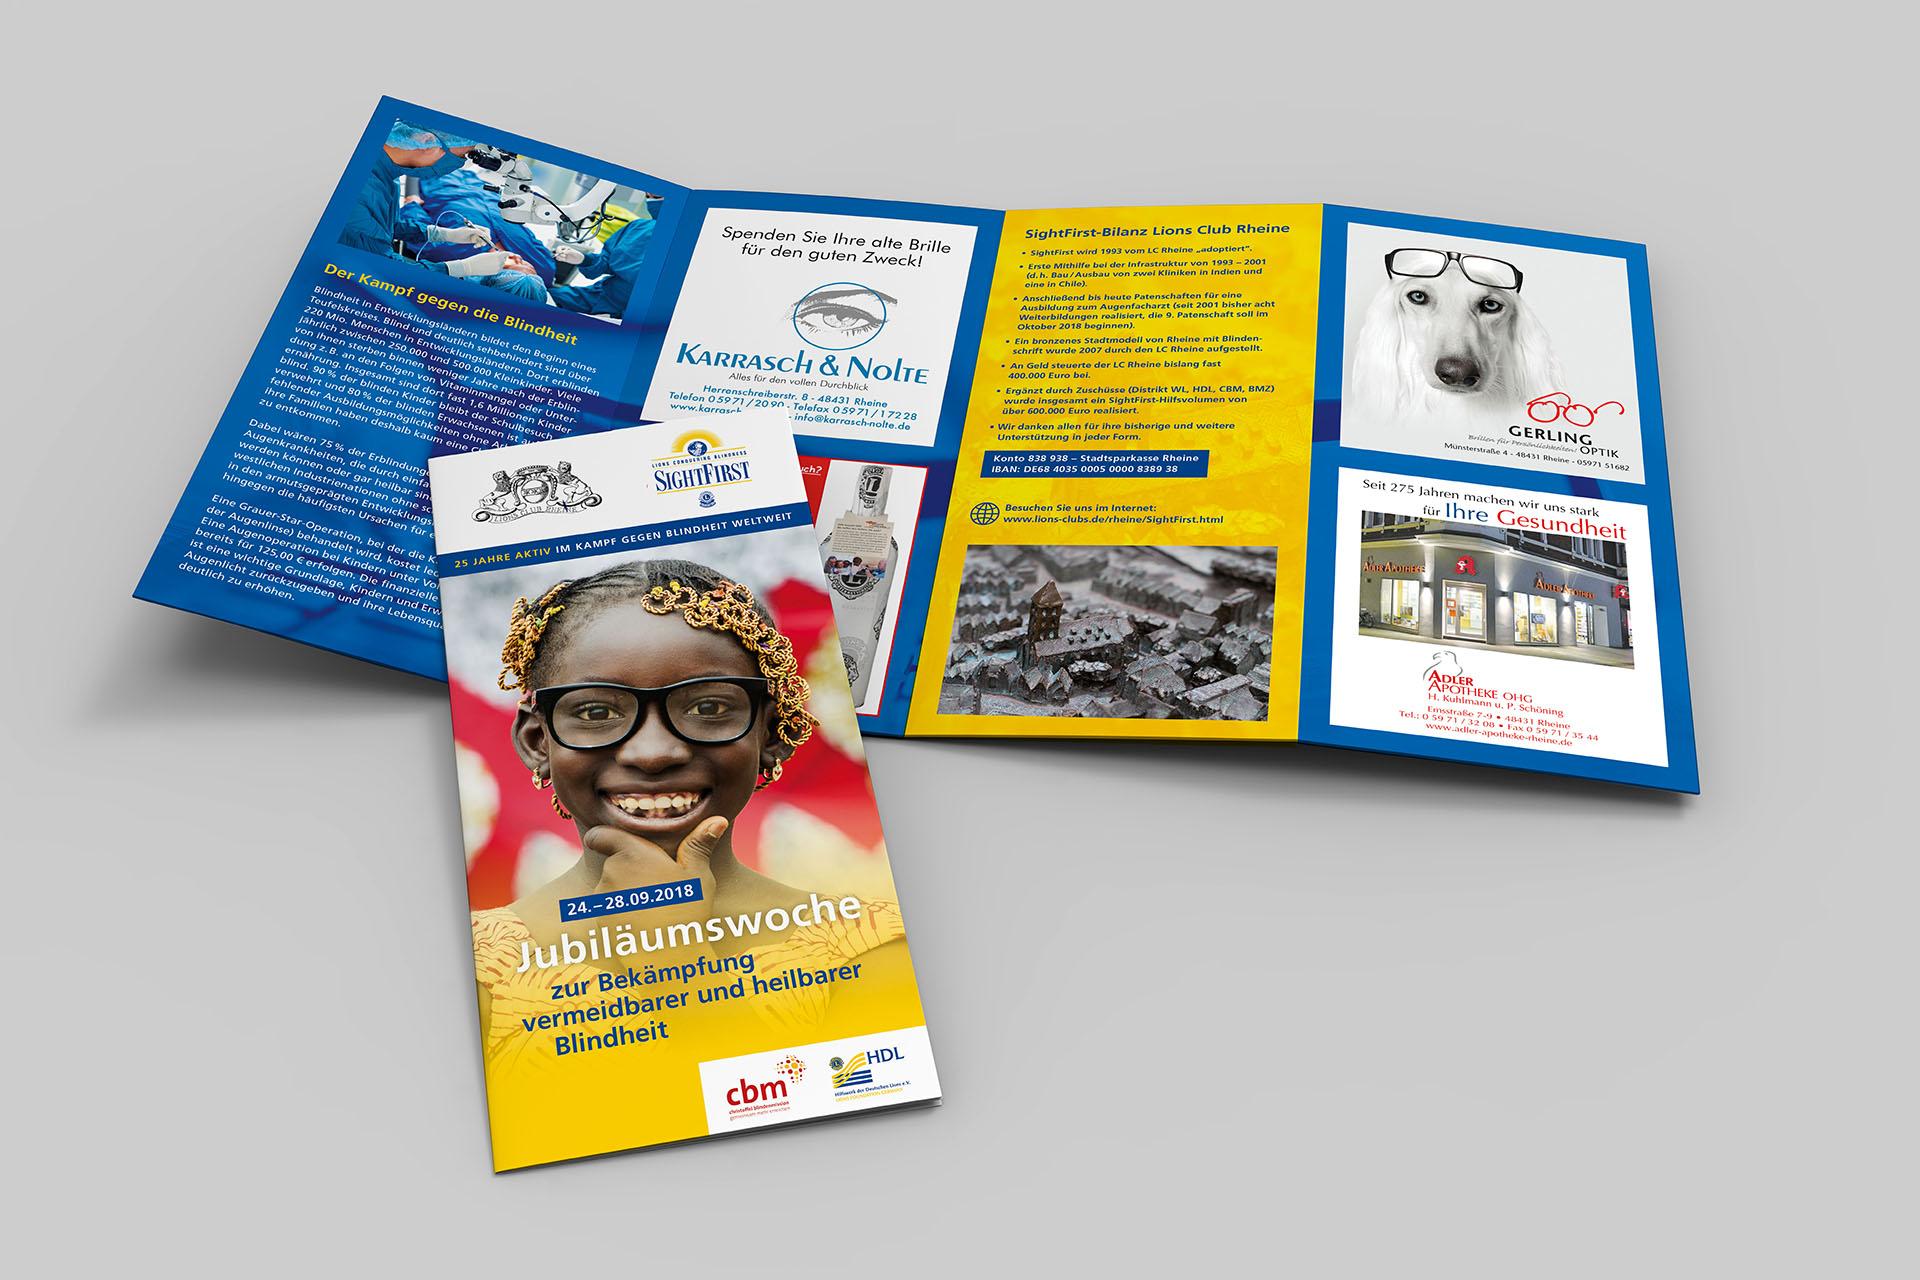 lions jubilaeumswoche 02 - Lions Club Rheine: 100 Prozent Aufmerksamkeit für 75 Prozent vermeidbare Blindheit –